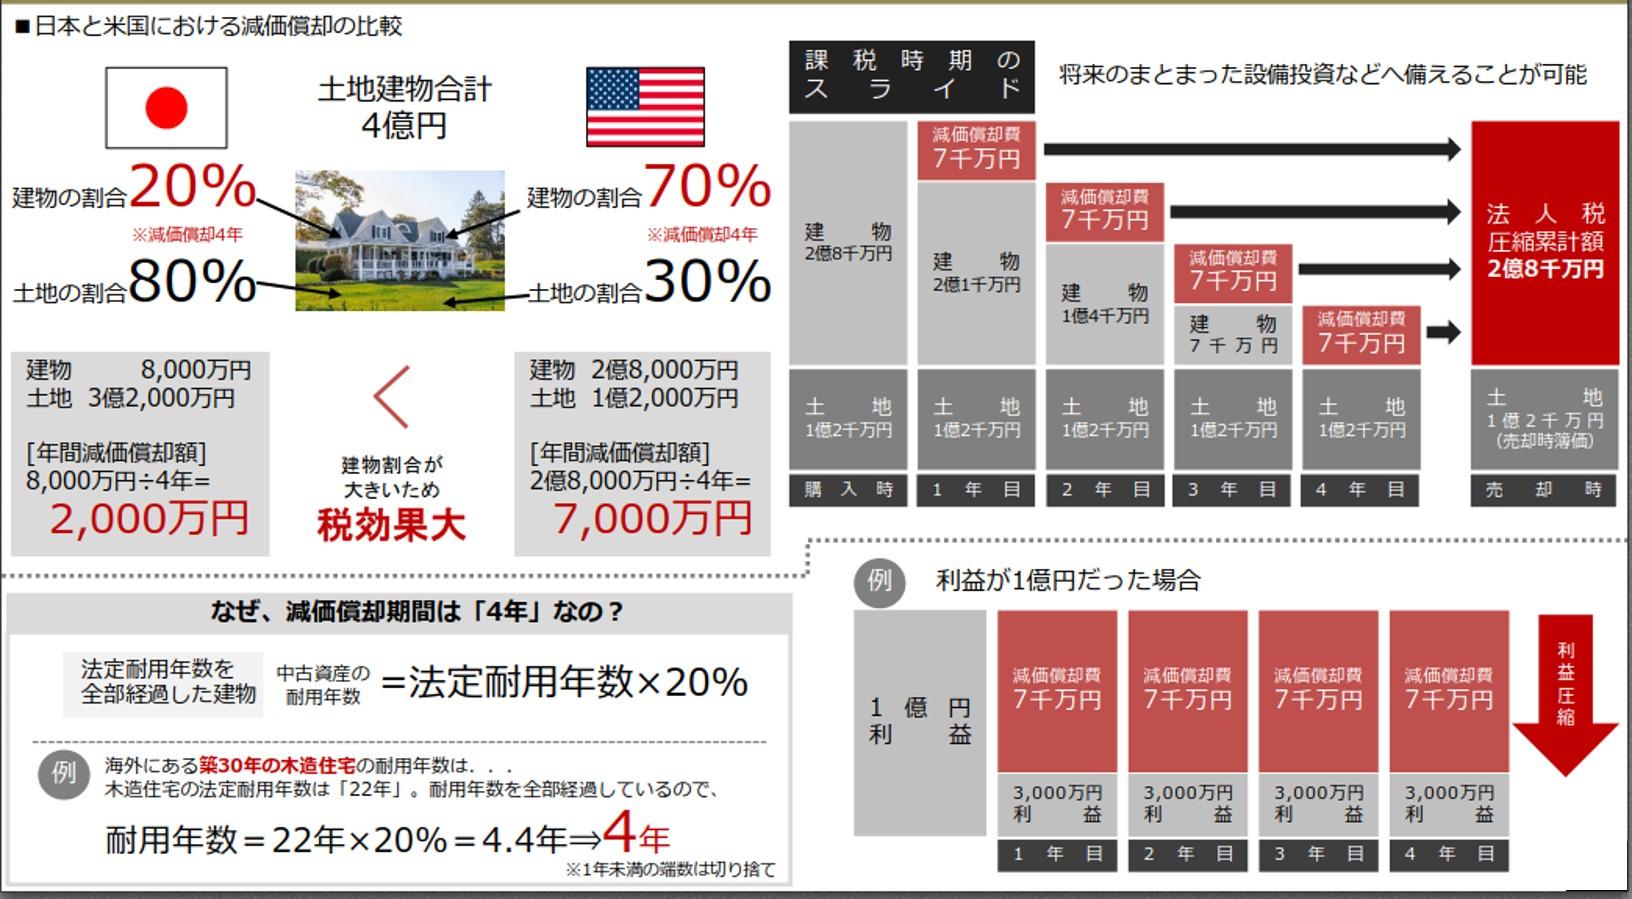 日本と米国における減価償却の比較